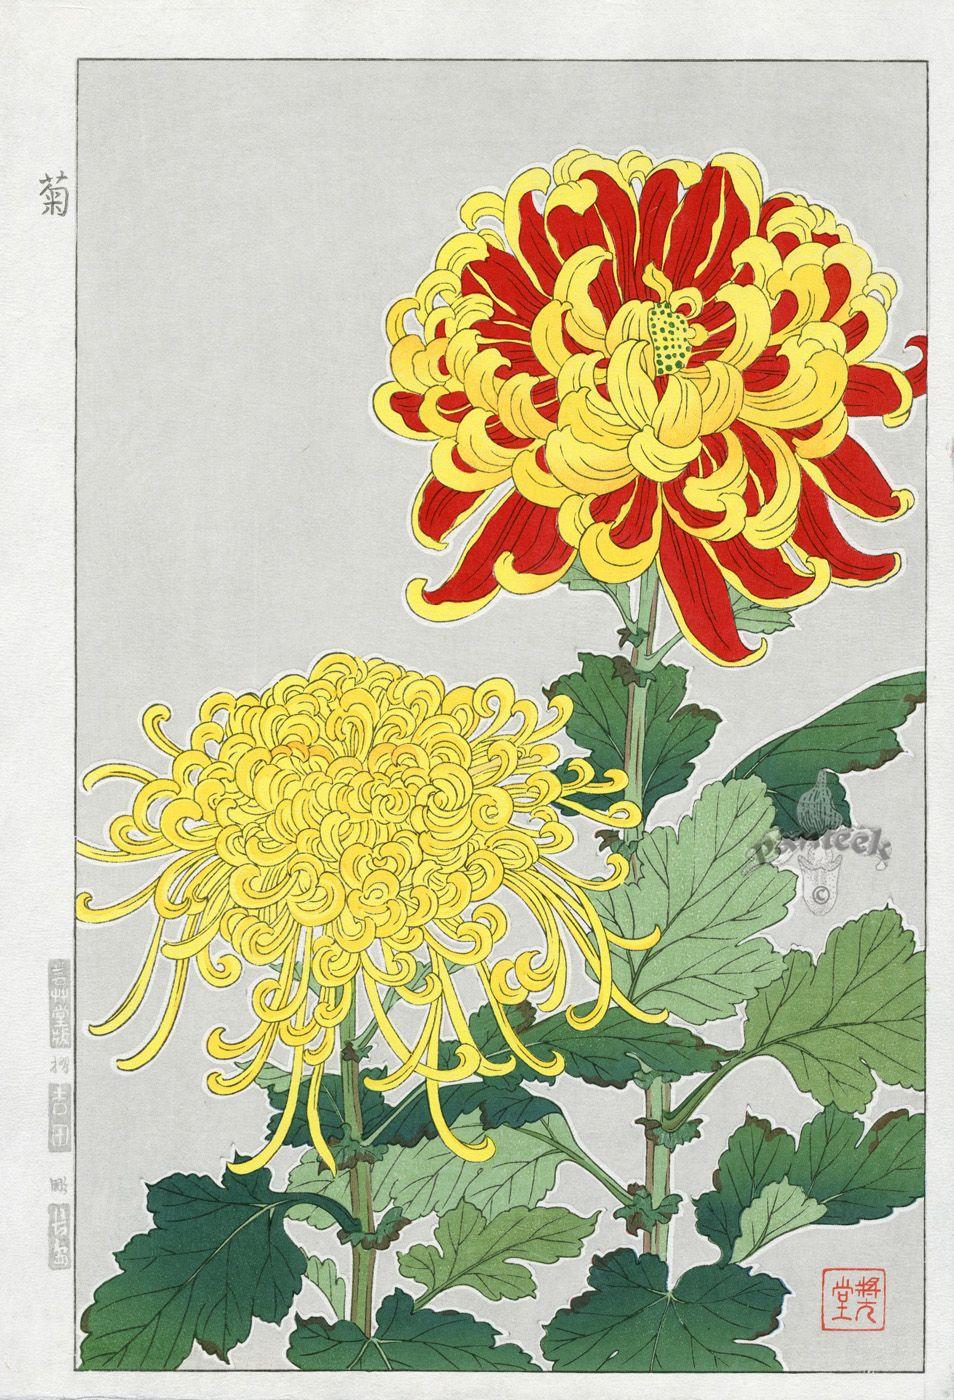 Red Yellow Chrysanthemum Shodo Kawarazaki Chrysanthemum Mum Flower Chrysanth Japanese S Izobrazheniyami Botanicheskie Printy Cvetochnye Kartiny Hudozhestvennye Printy